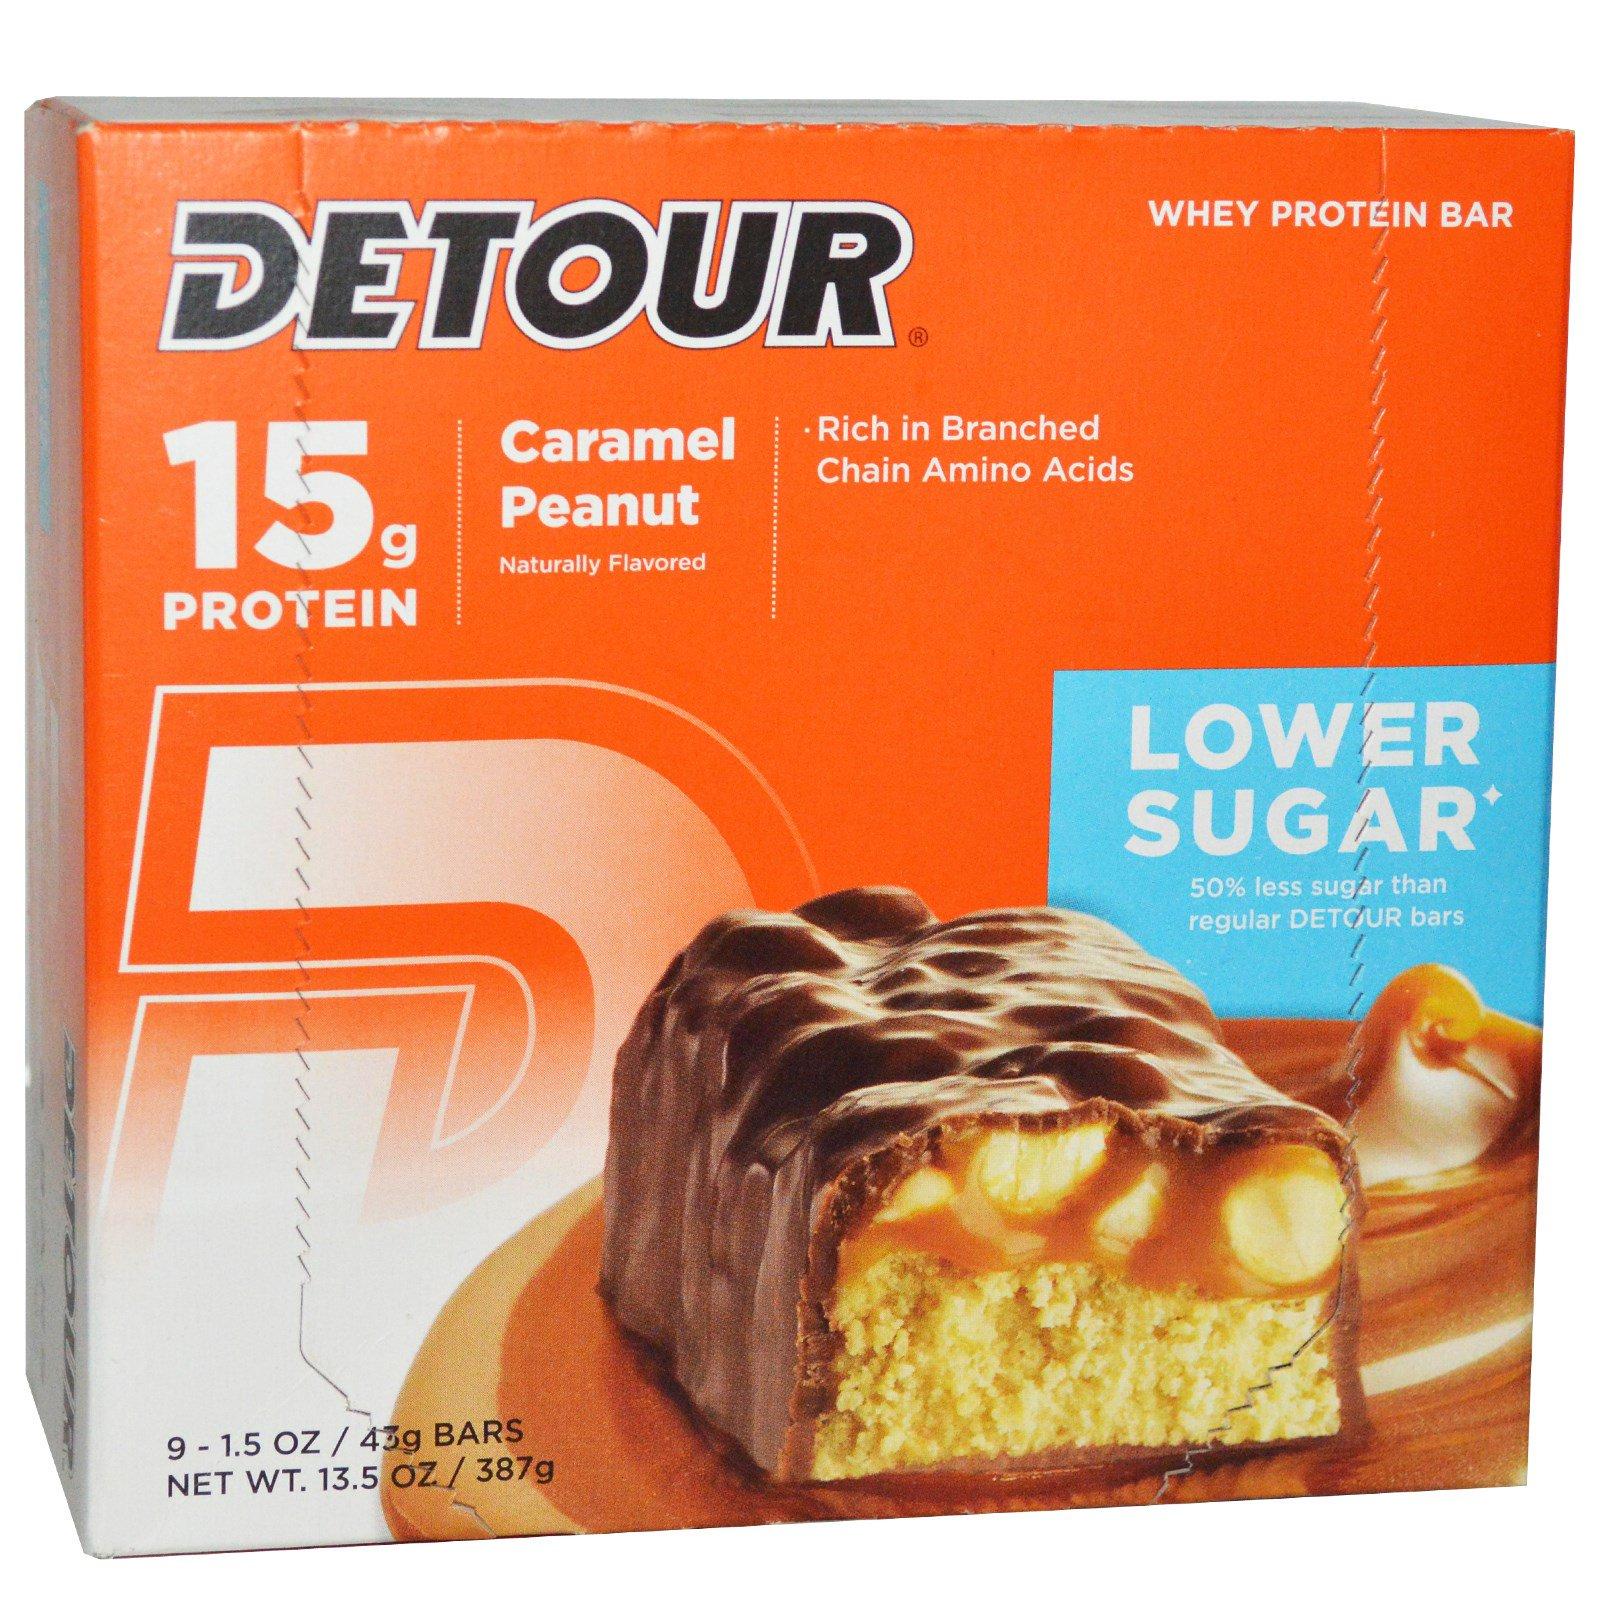 Detour, Батончики из сывороточного белка со вкусом карамели и арахиса, 9 батончиков, 1,5 унции (43 г) каждый